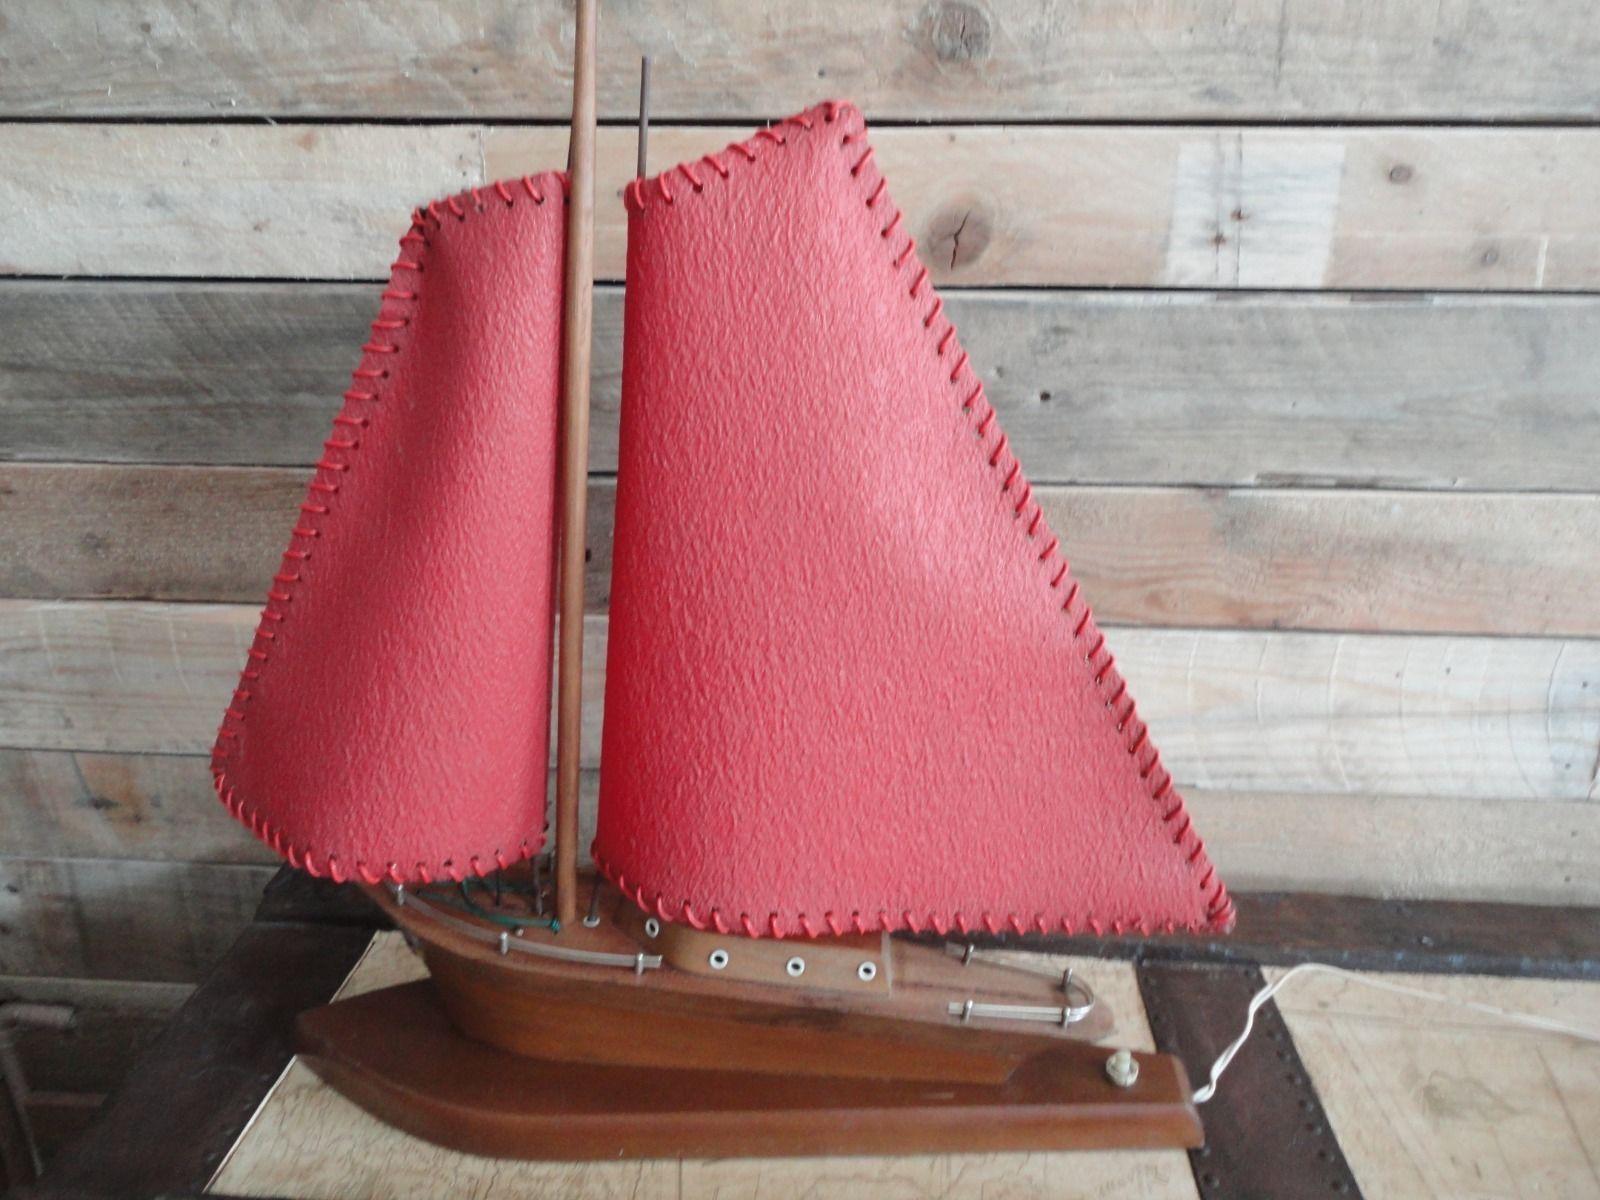 Lovely art deco wooden boat table lamp light rare red sail lovely art deco wooden boat table lamp light rare red sail version geotapseo Image collections